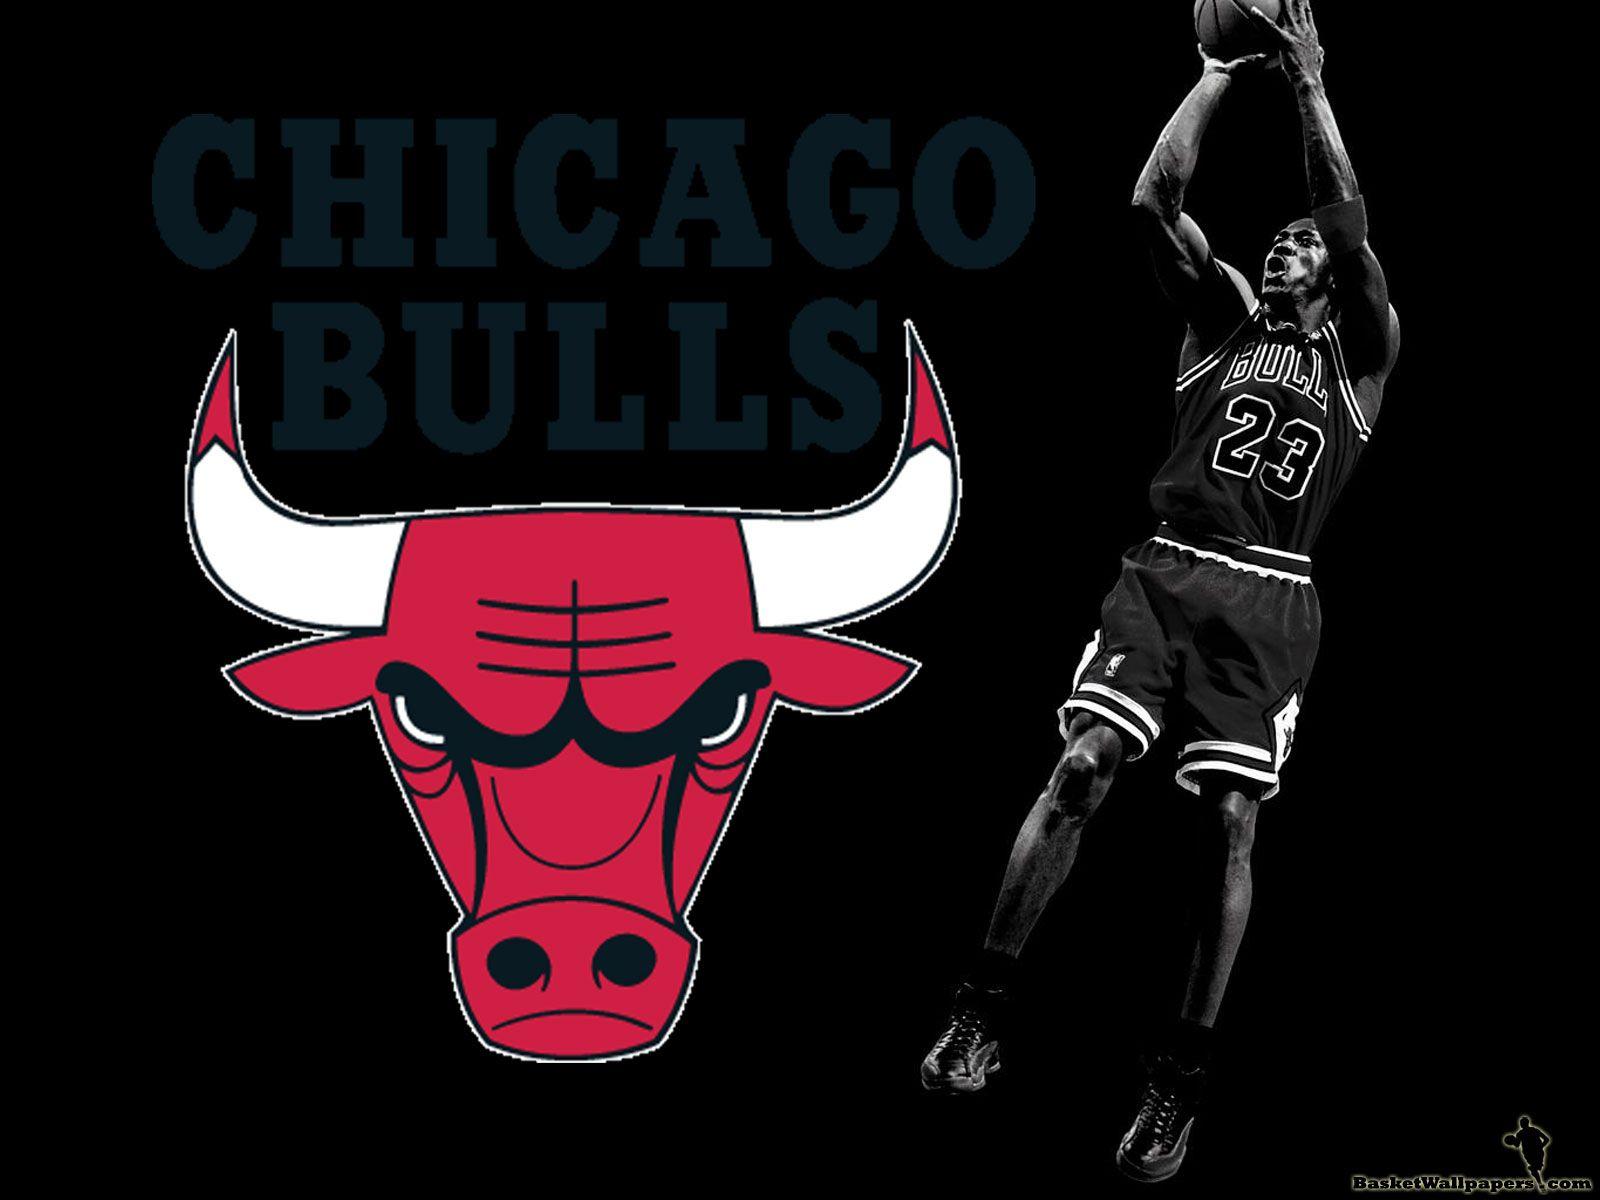 Michael jordan iphone wallpaper tumblr - Michael Jordan Chicago Bulls